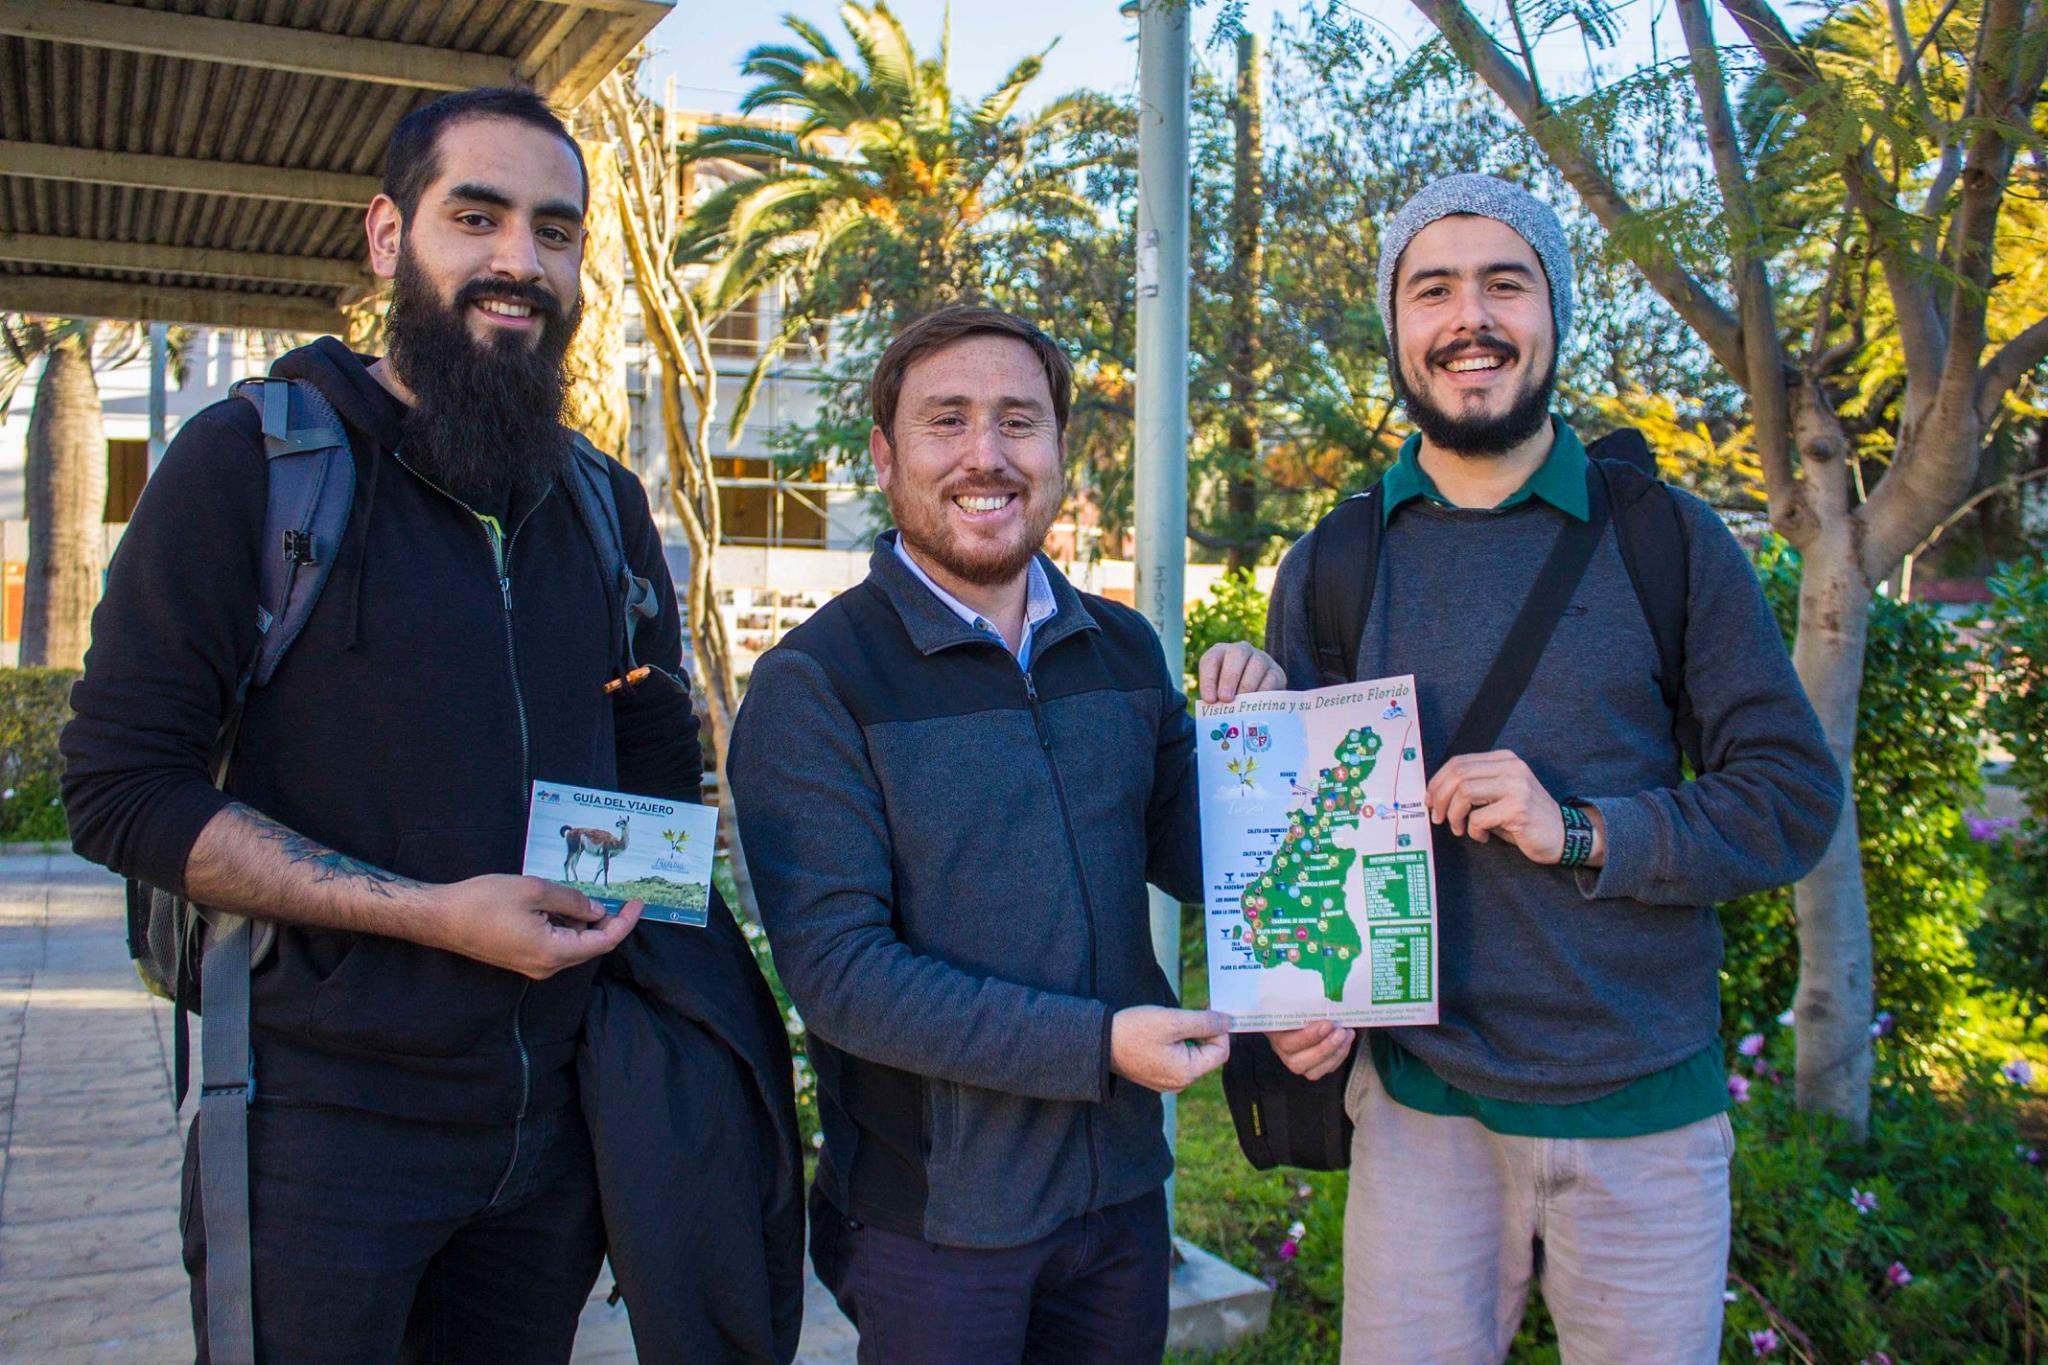 Freirina lo hizo otra vez: Promociona Desierto Florido e informa a comerciantes cómo recibir a turistas